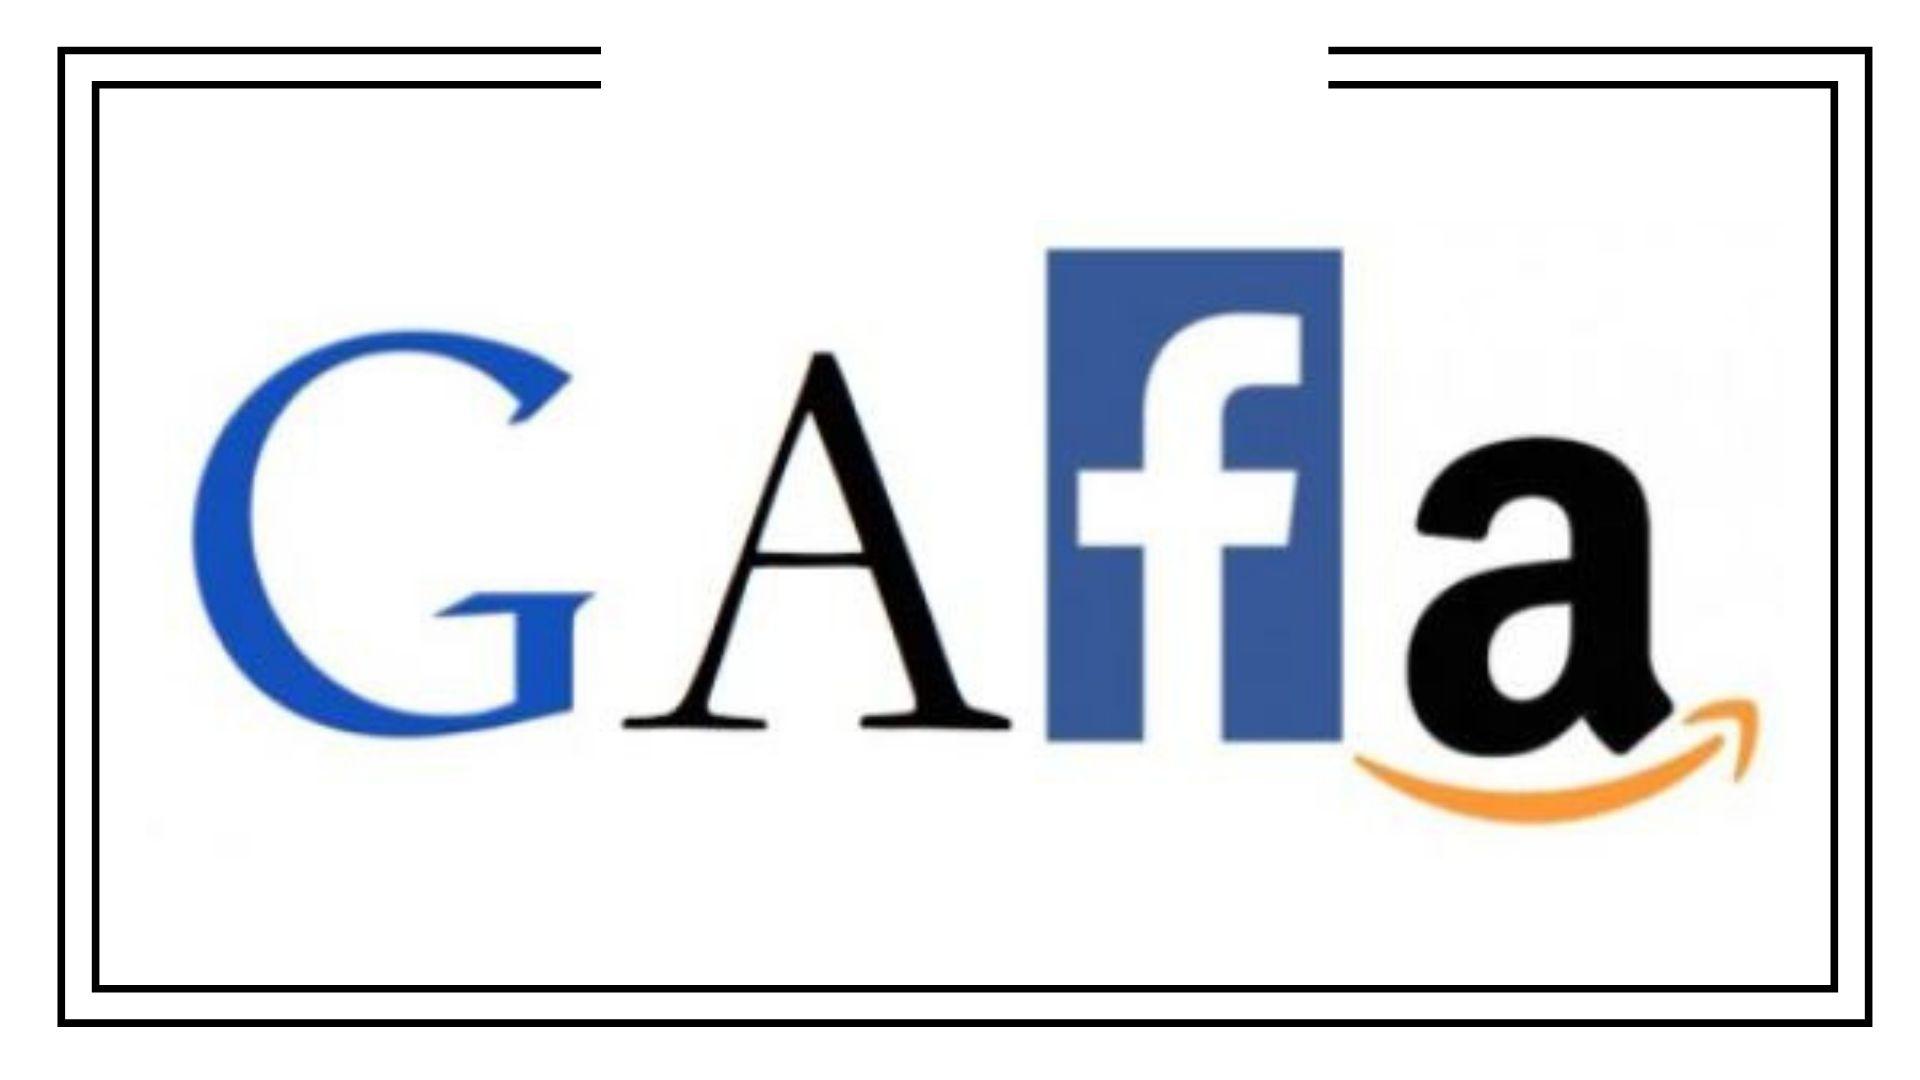 Les experts américains réfléchissent à l'avenir du monopole des GAFA